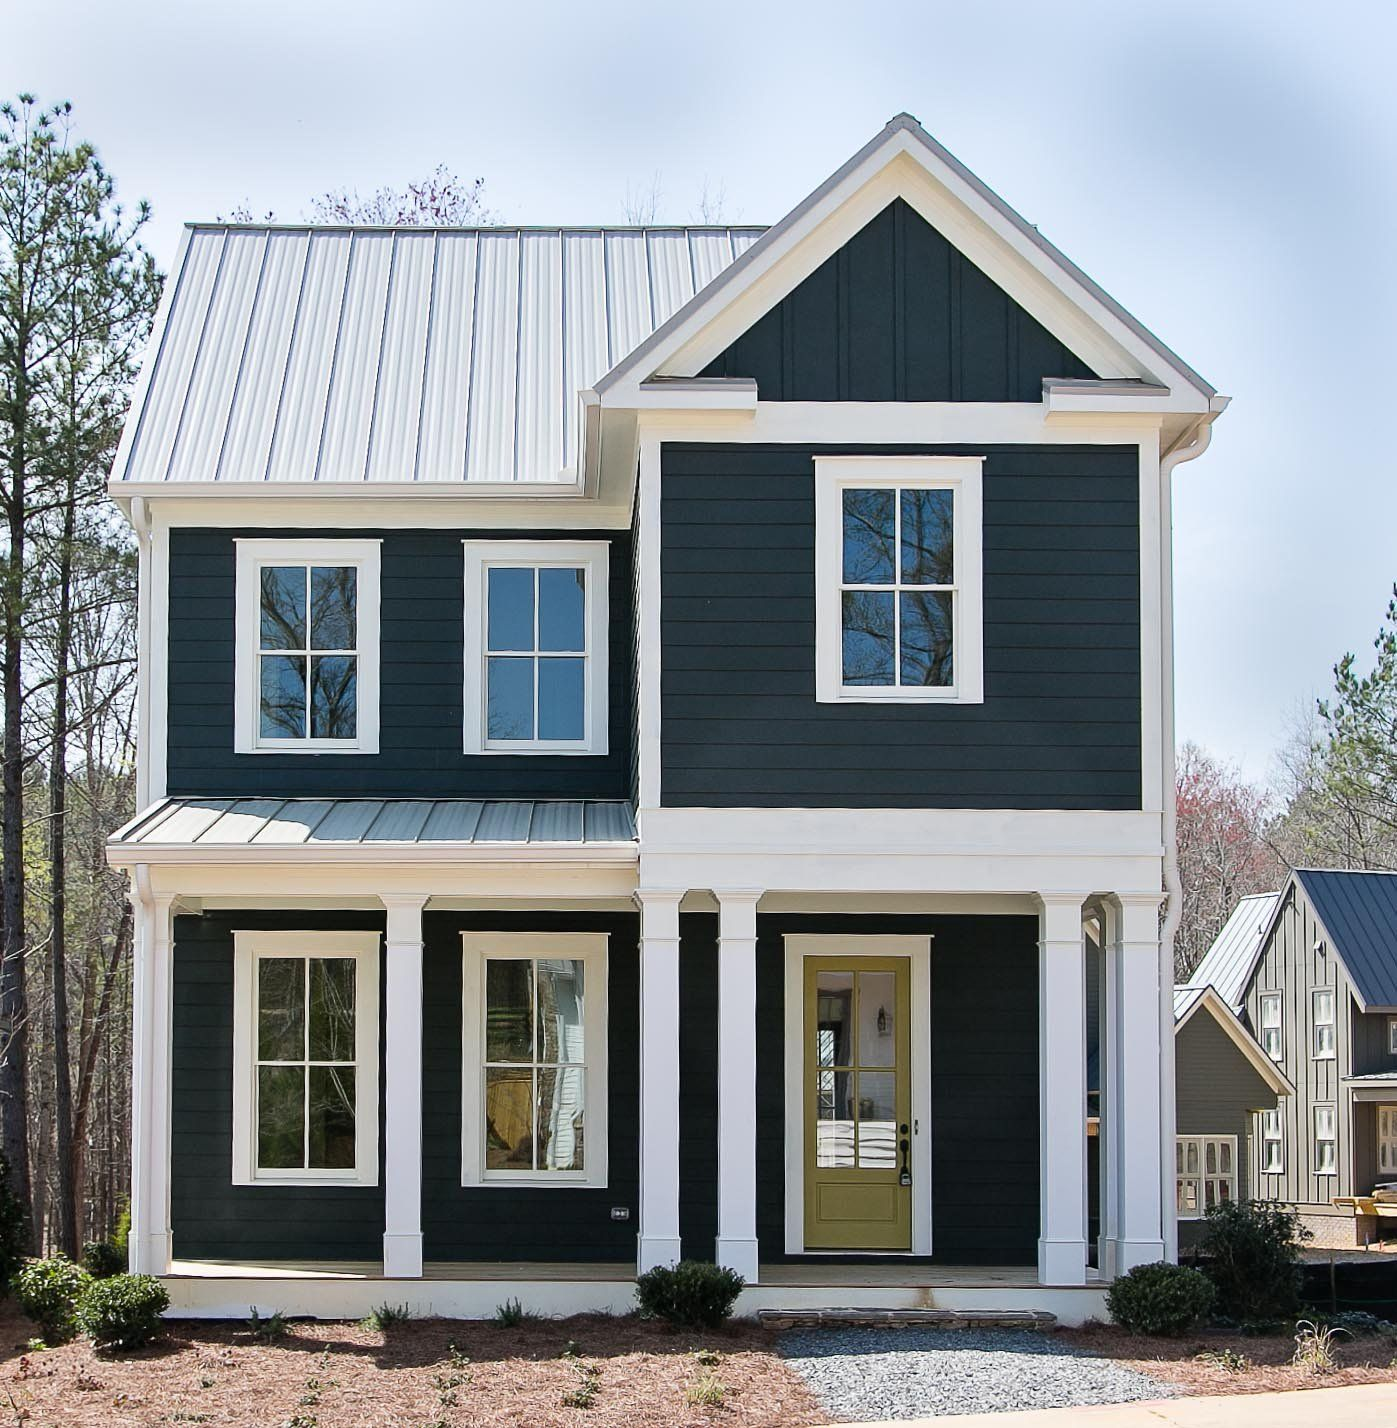 lot 207 10584 serenbe lane tolle h user pinterest. Black Bedroom Furniture Sets. Home Design Ideas